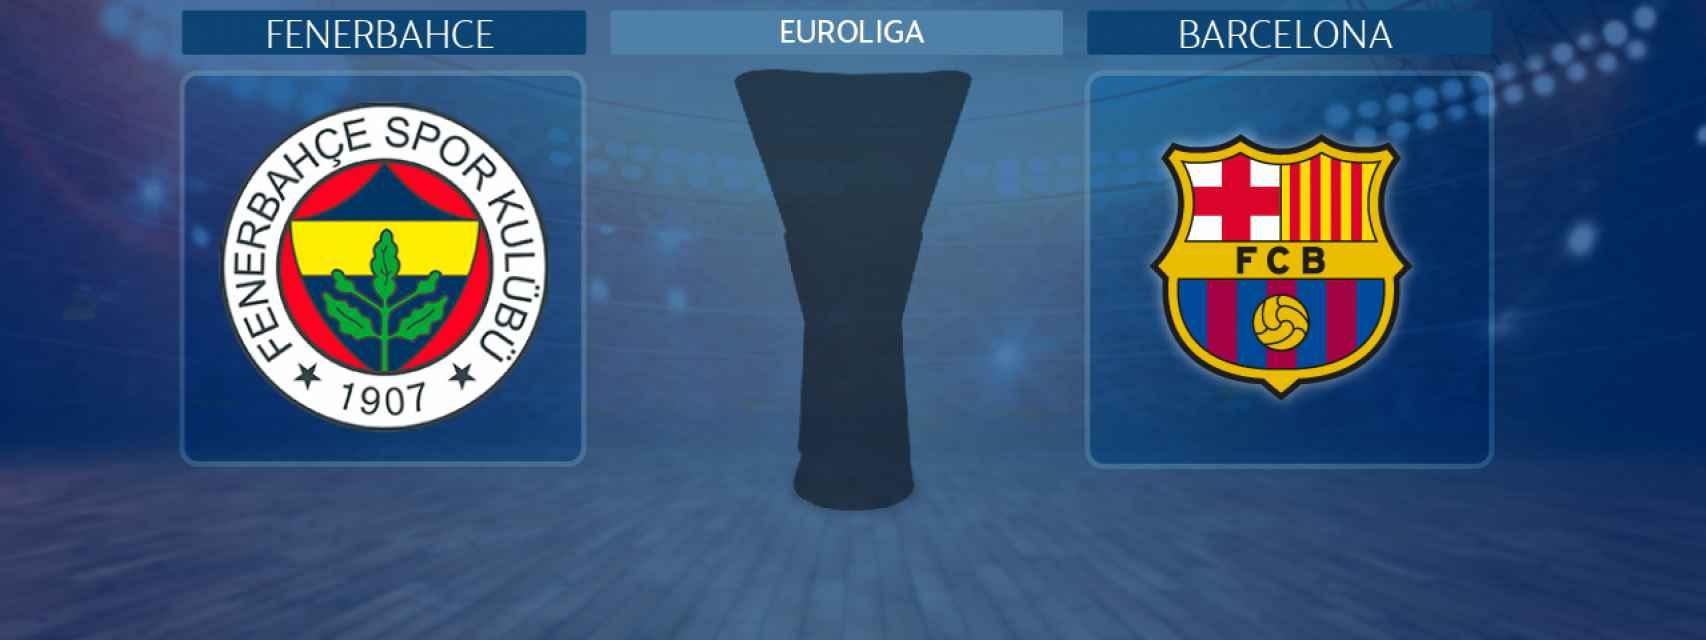 Fenerbahce - Barcelona, partido de la Euroliga